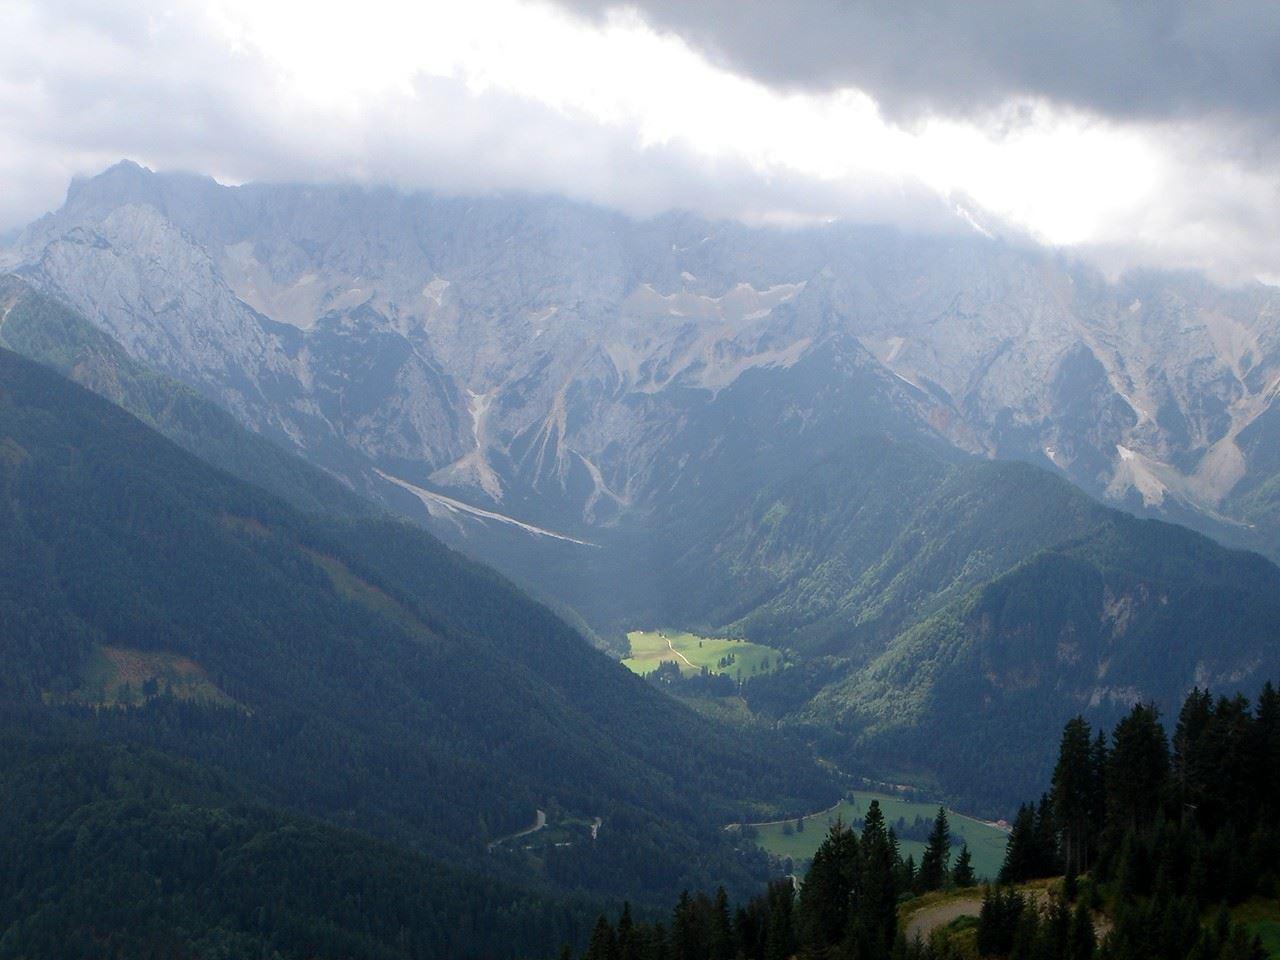 Foto: Manfred Karl / Wander Tour / Über den Krainersteig auf den Kärntner Storschitz / Lichtblicke1 / 03.06.2007 17:58:55